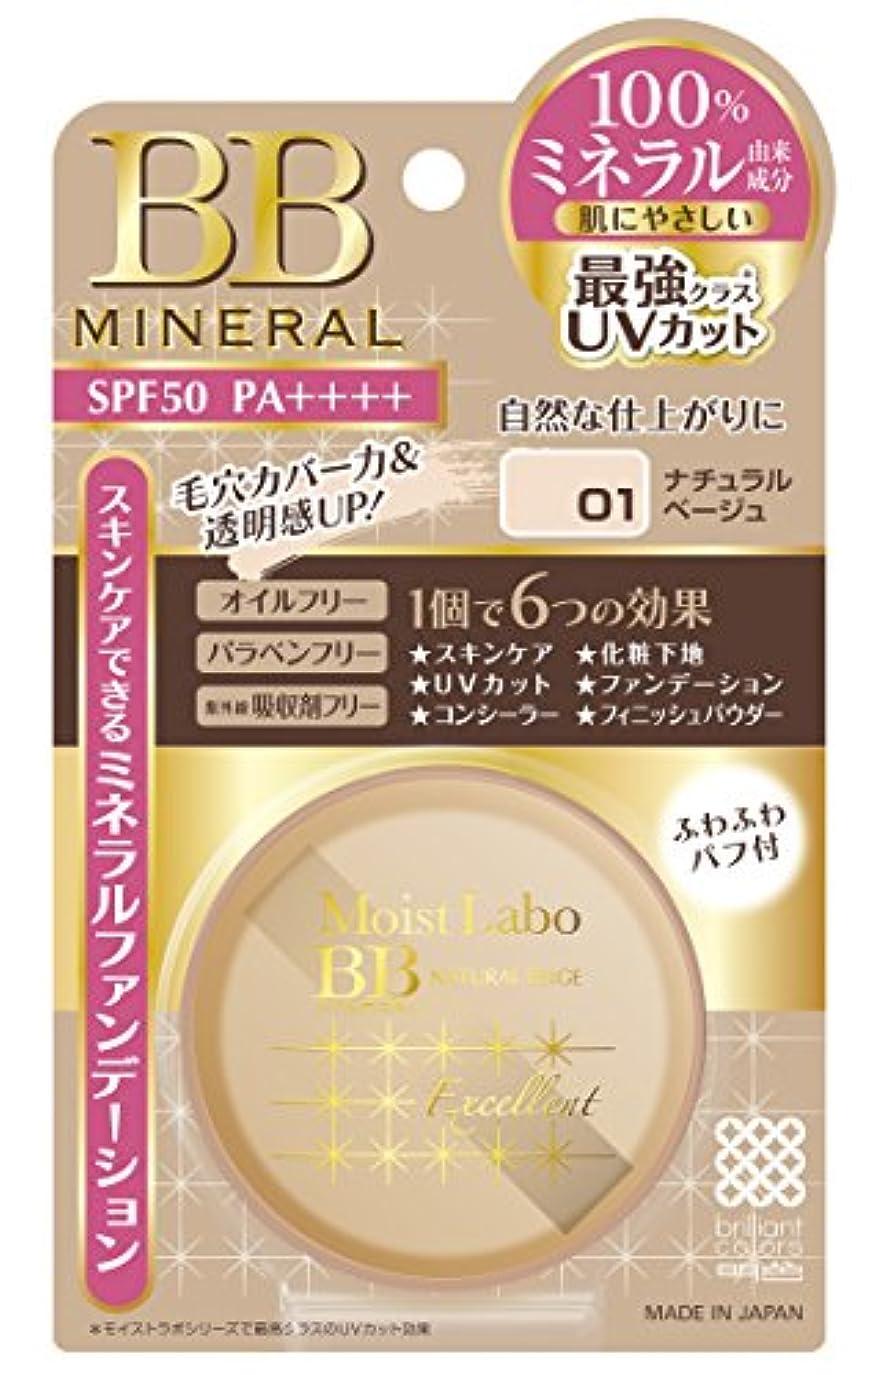 勧告硫黄むさぼり食うモイストラボBBミネラルファンデーション <ナチュラルベージュ>  (日本製) SPF50 PA++++